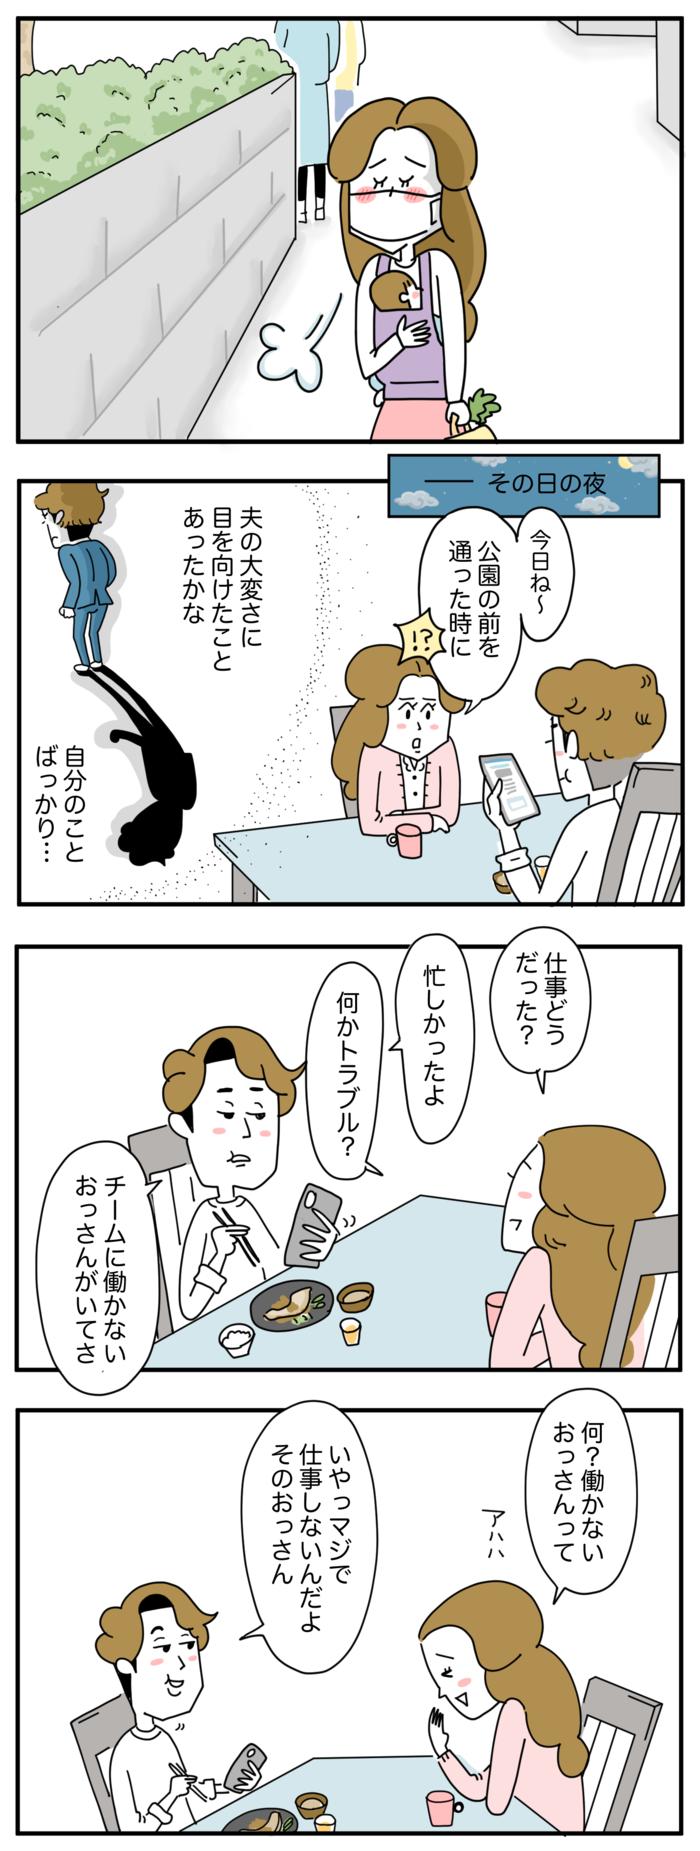 「ママ友」という関係の正体は…!?1年間の小学校生活でやっと分かったことの画像5